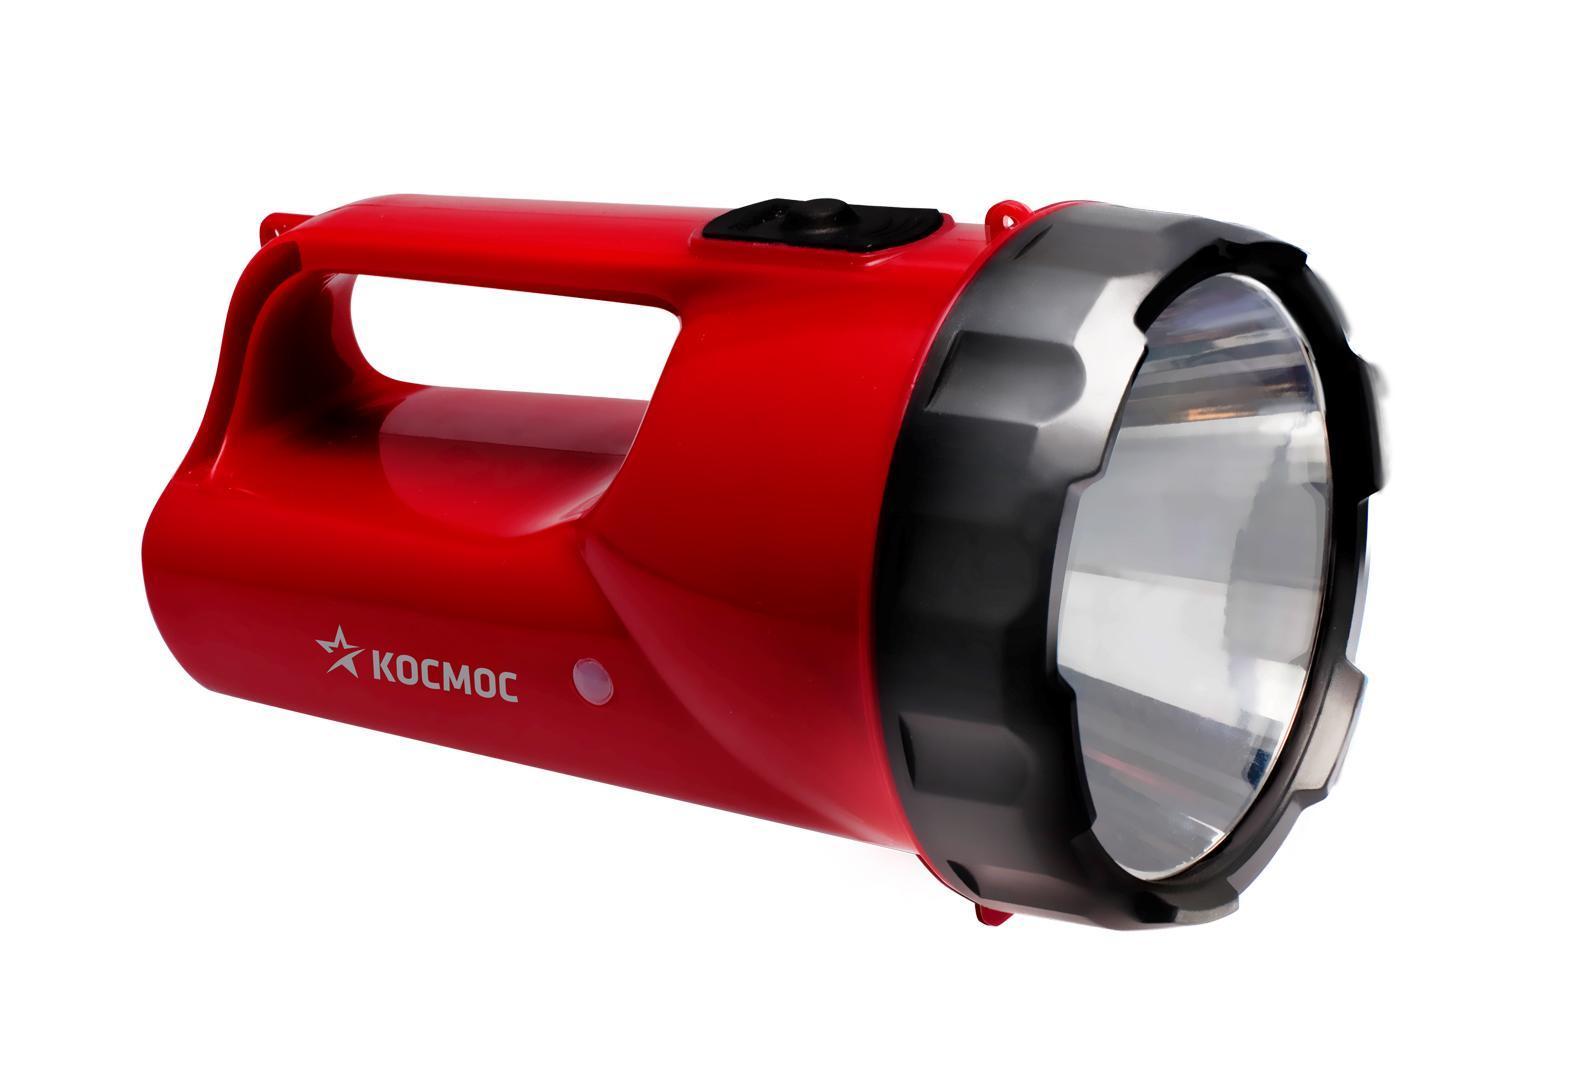 Фонарь-прожектор аккумуляторный Космос, цвет: красный. Модель 9191KOCAccu9191LEDФонарь-прожектор Kosmos KOCAccu9191LED весит 0,45 кг. Источником света служит 1 светодиодная лампа, которая дает длину светового луча 250 метров. Работает от аккумулятора. Удобен для использования дома и на природе. Время работы - 16 часов.Характеристики:Емкость аккумуляторной батареи:6V/2Ah.Напряжение:6 V.Дальность свечения: 250 м.Рабочие температуры фонаря (при полностью заряженной батарее): от - 10°С до +40°С. Характеристики:Материал: пластик, стекло, металл, текстиль. Размер фонаря:16 см х 10 см х 10 см. Емкость аккумуляторной батареи:6V/2Ah. Напряжение:6 V. Дальность свечения: 250 м. Яркость свечения: 240 лм: Рабочие температуры фонаря (при полностью заряженной батарее):от - 10°С до +40°С. Размер упаковки:19,5 см х 13 см х 13 см. Производитель: Россия. Изготовитель: Китай. Артикул:KOCAP2008A-LED. Прилагается инструкция по эксплуатации на русском языке.Космос - российский бренд электротоваров, созданный, чтобы обеспечить отечественного покупателя качественной энергосберегающей и энергоэффективной продукцией в категориях:Лампы, светильники Сезонные электротовары Элементы питания, фонари Электроустановочные изделия. Лучшие заводы шести стран мира: Россия, Украина, Белоруссия, Китай, Корея, Япония производят товары Космос на базе современных технологий.